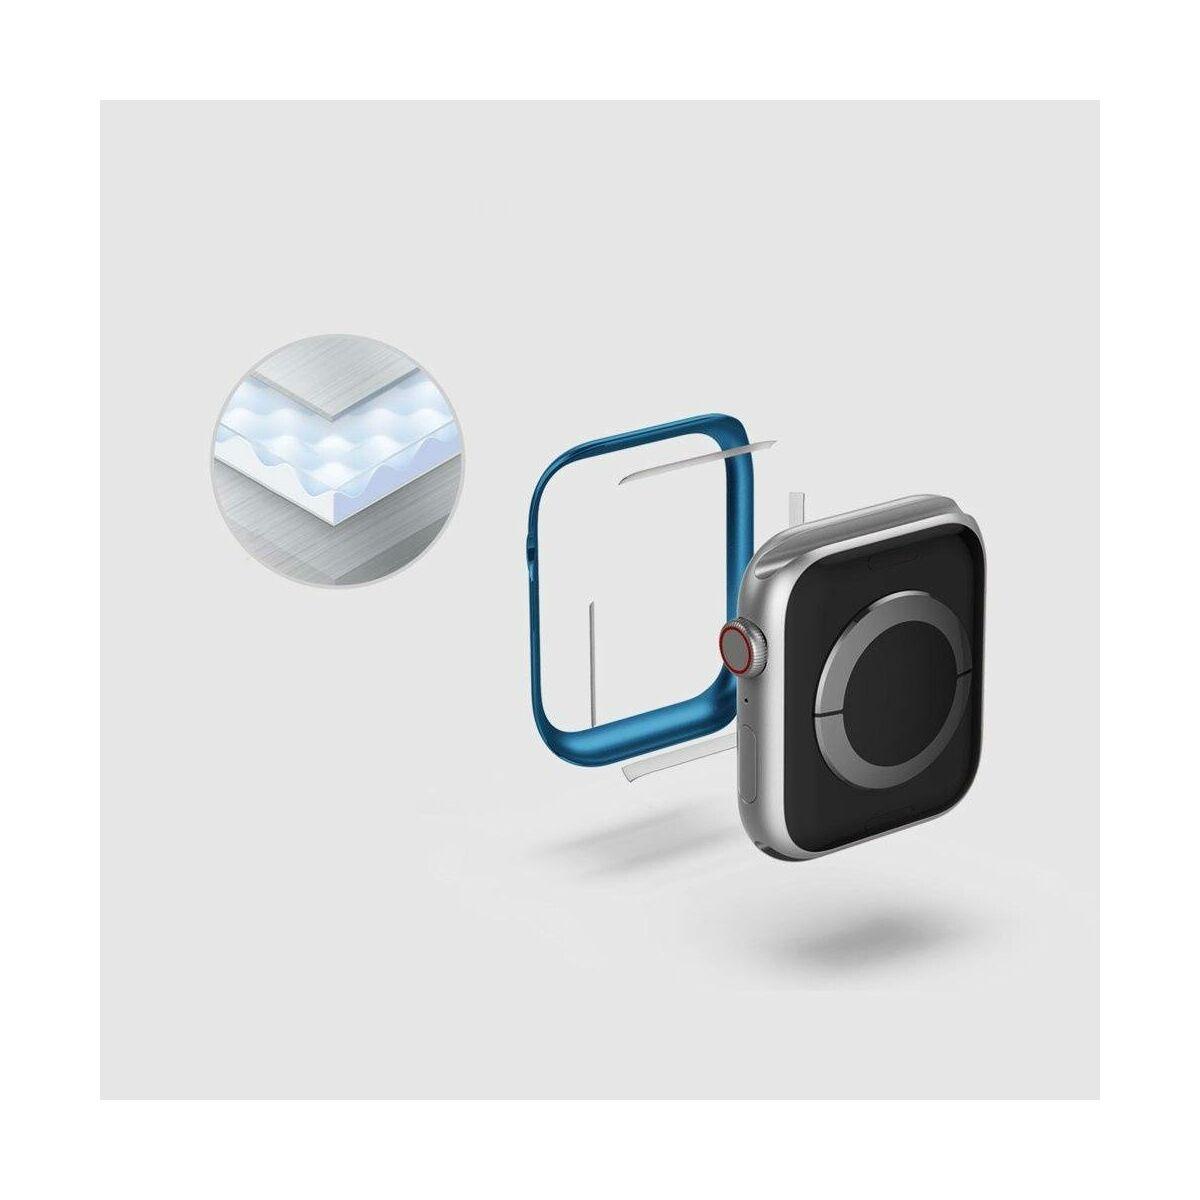 Ringke Apple Watch kijelzővédő  acélkeret, Bezel  Styling 40mm - AW4-40-02 (Stainless Steel), Rózsaszín